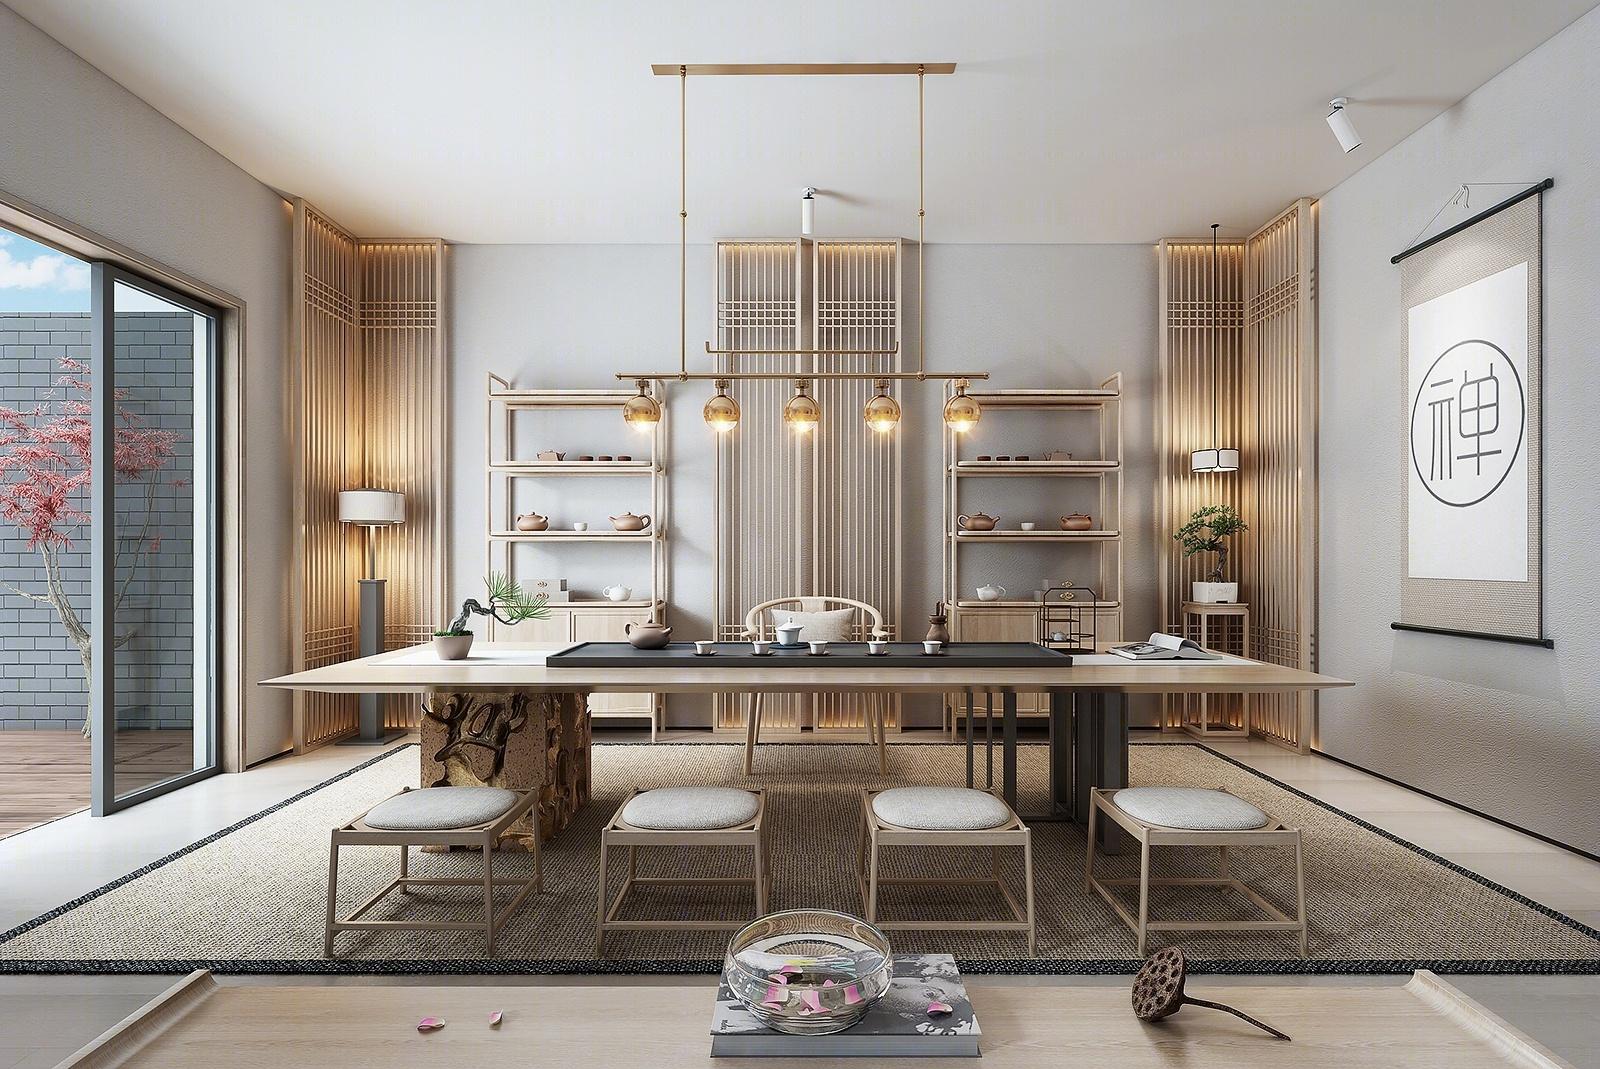 新中式家居书房 茶室 茶桌 吊灯 挂画 台灯 物件摆件